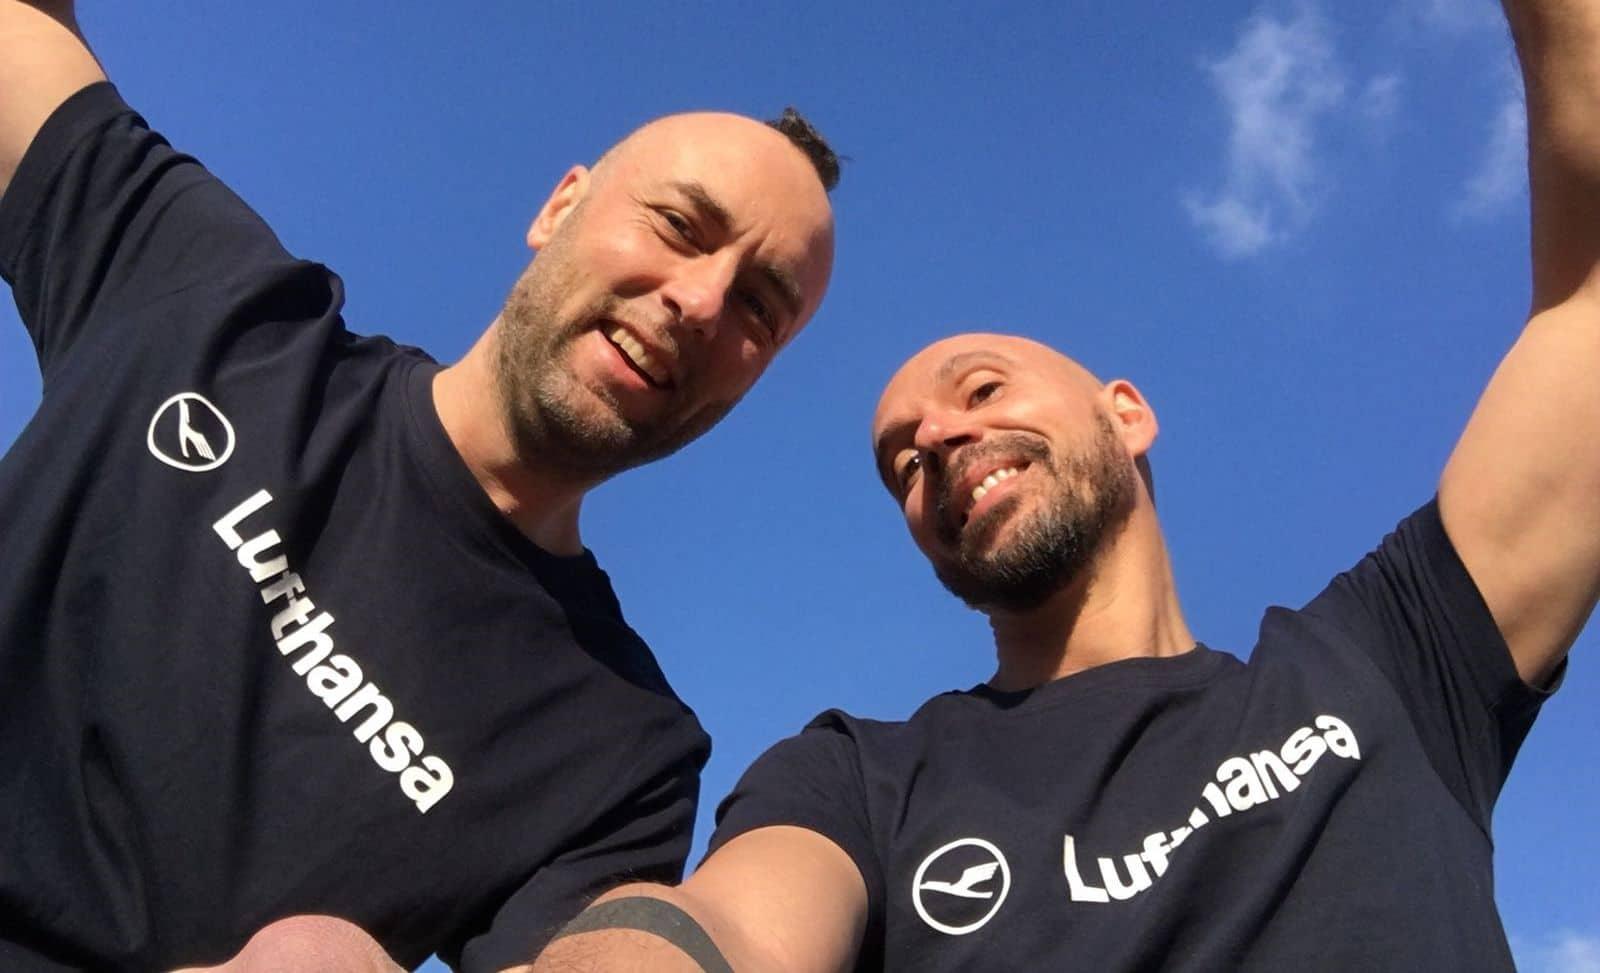 Luca e Danilo: viaggiare il mondo in carrozzina per sfidare la disabilità